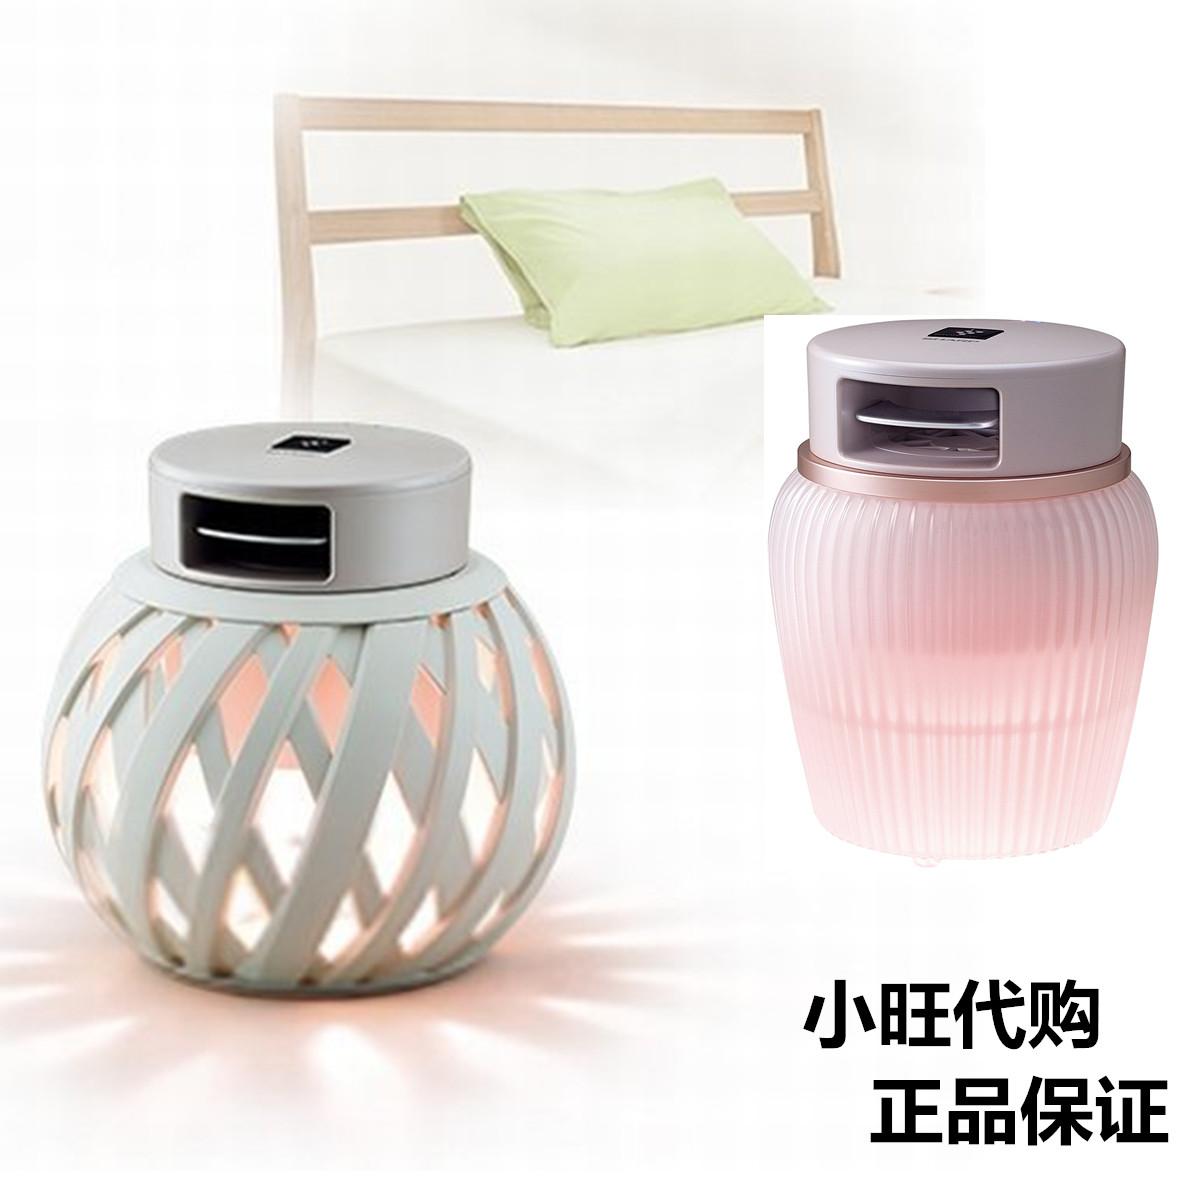 日本直邮 夏普空气净化美容灯 创意床头负离子净化器台灯 IGHBP1W